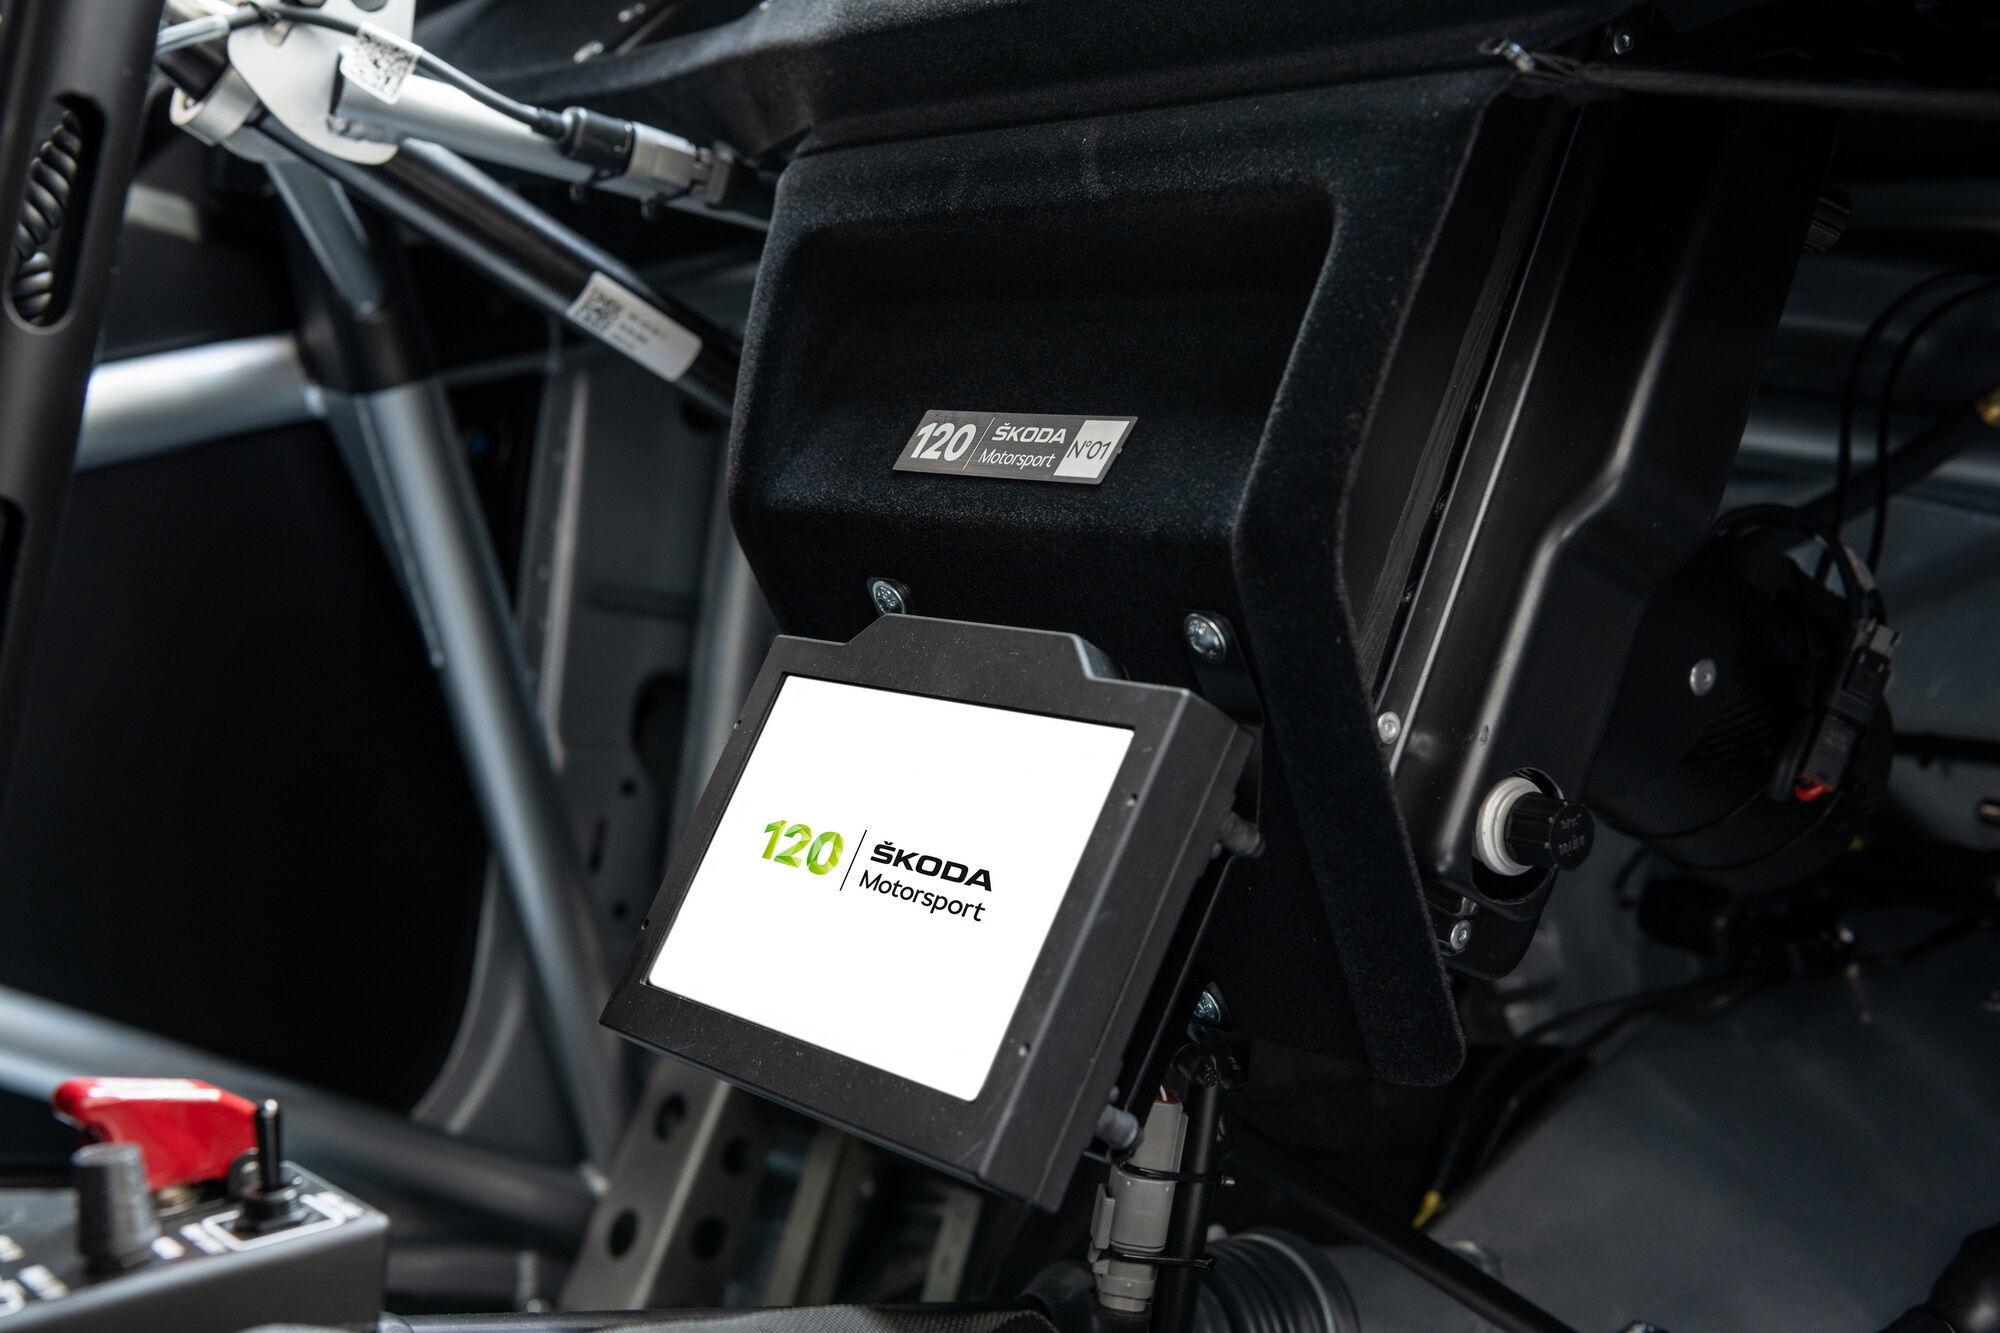 На дисплеях в салоне при запуске двигателя появится особая приветственная заставка